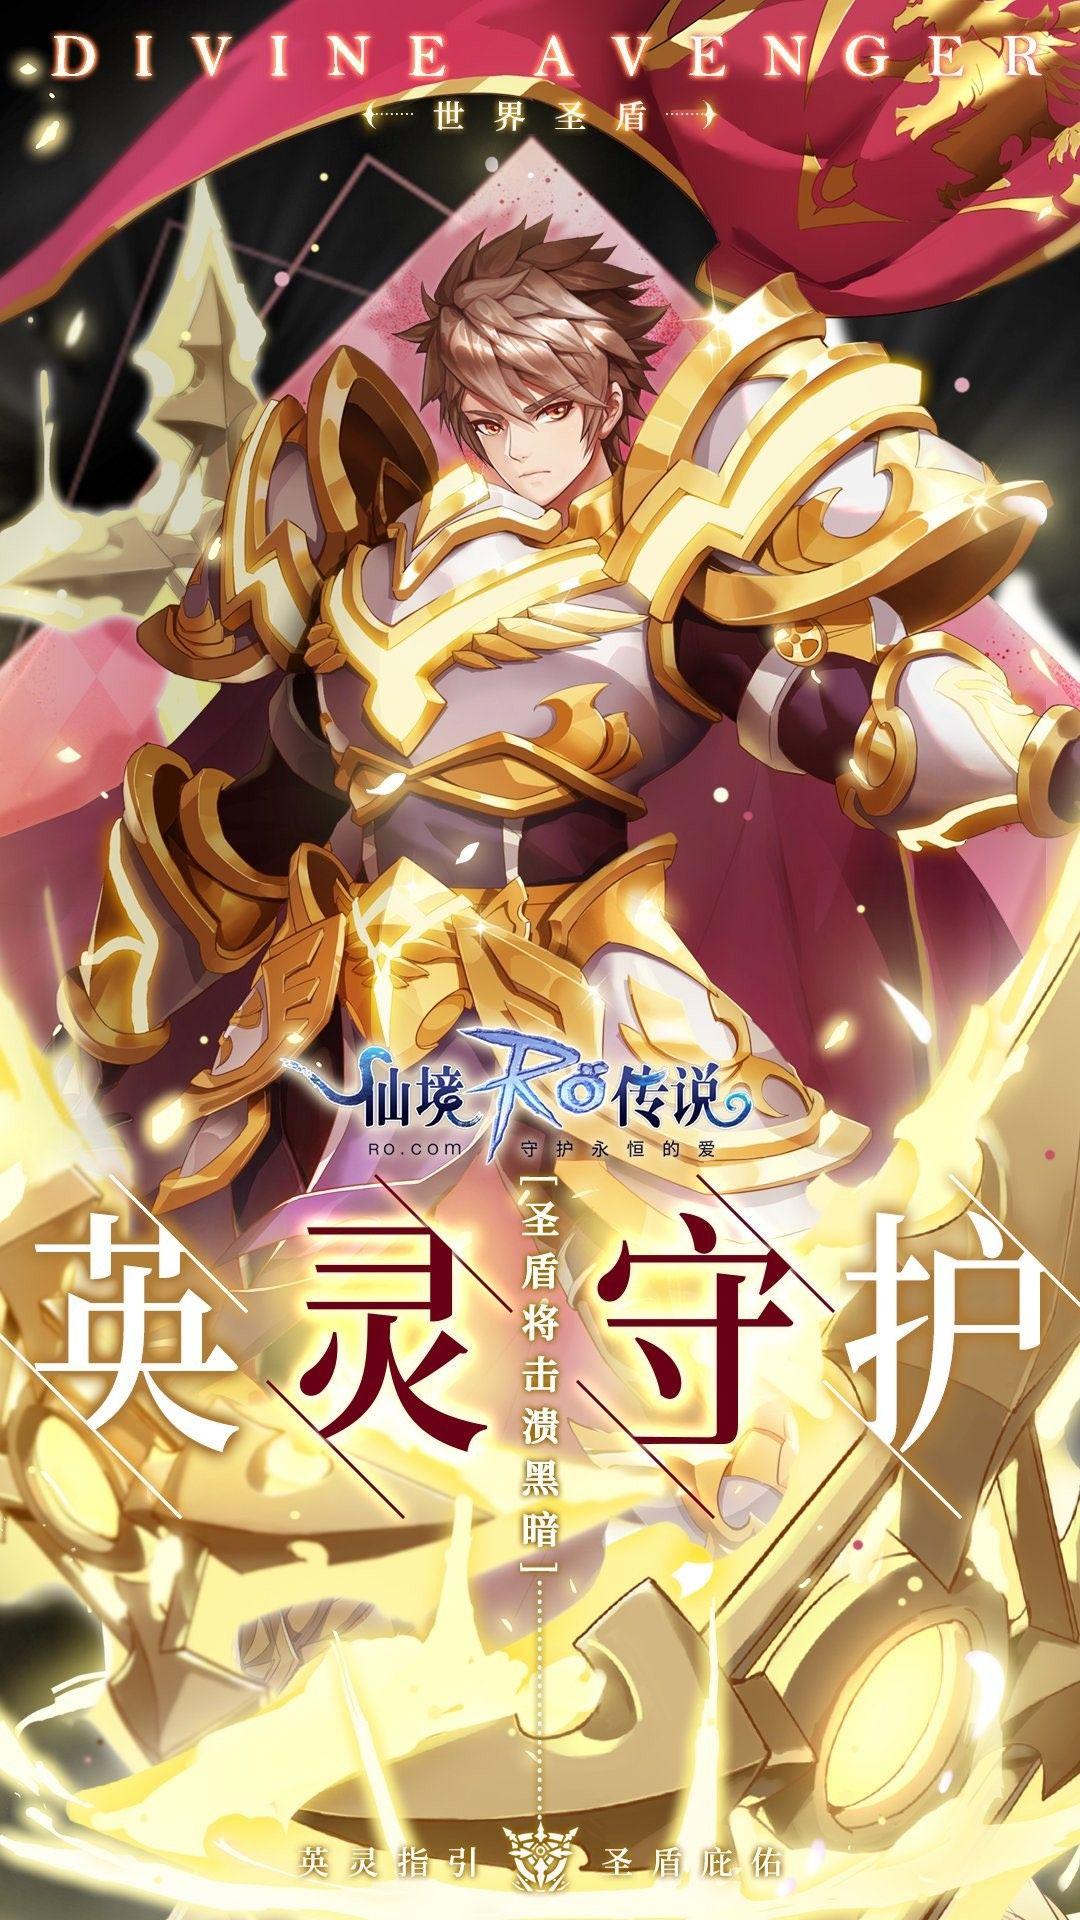 Divine Avenger(M) di 2020